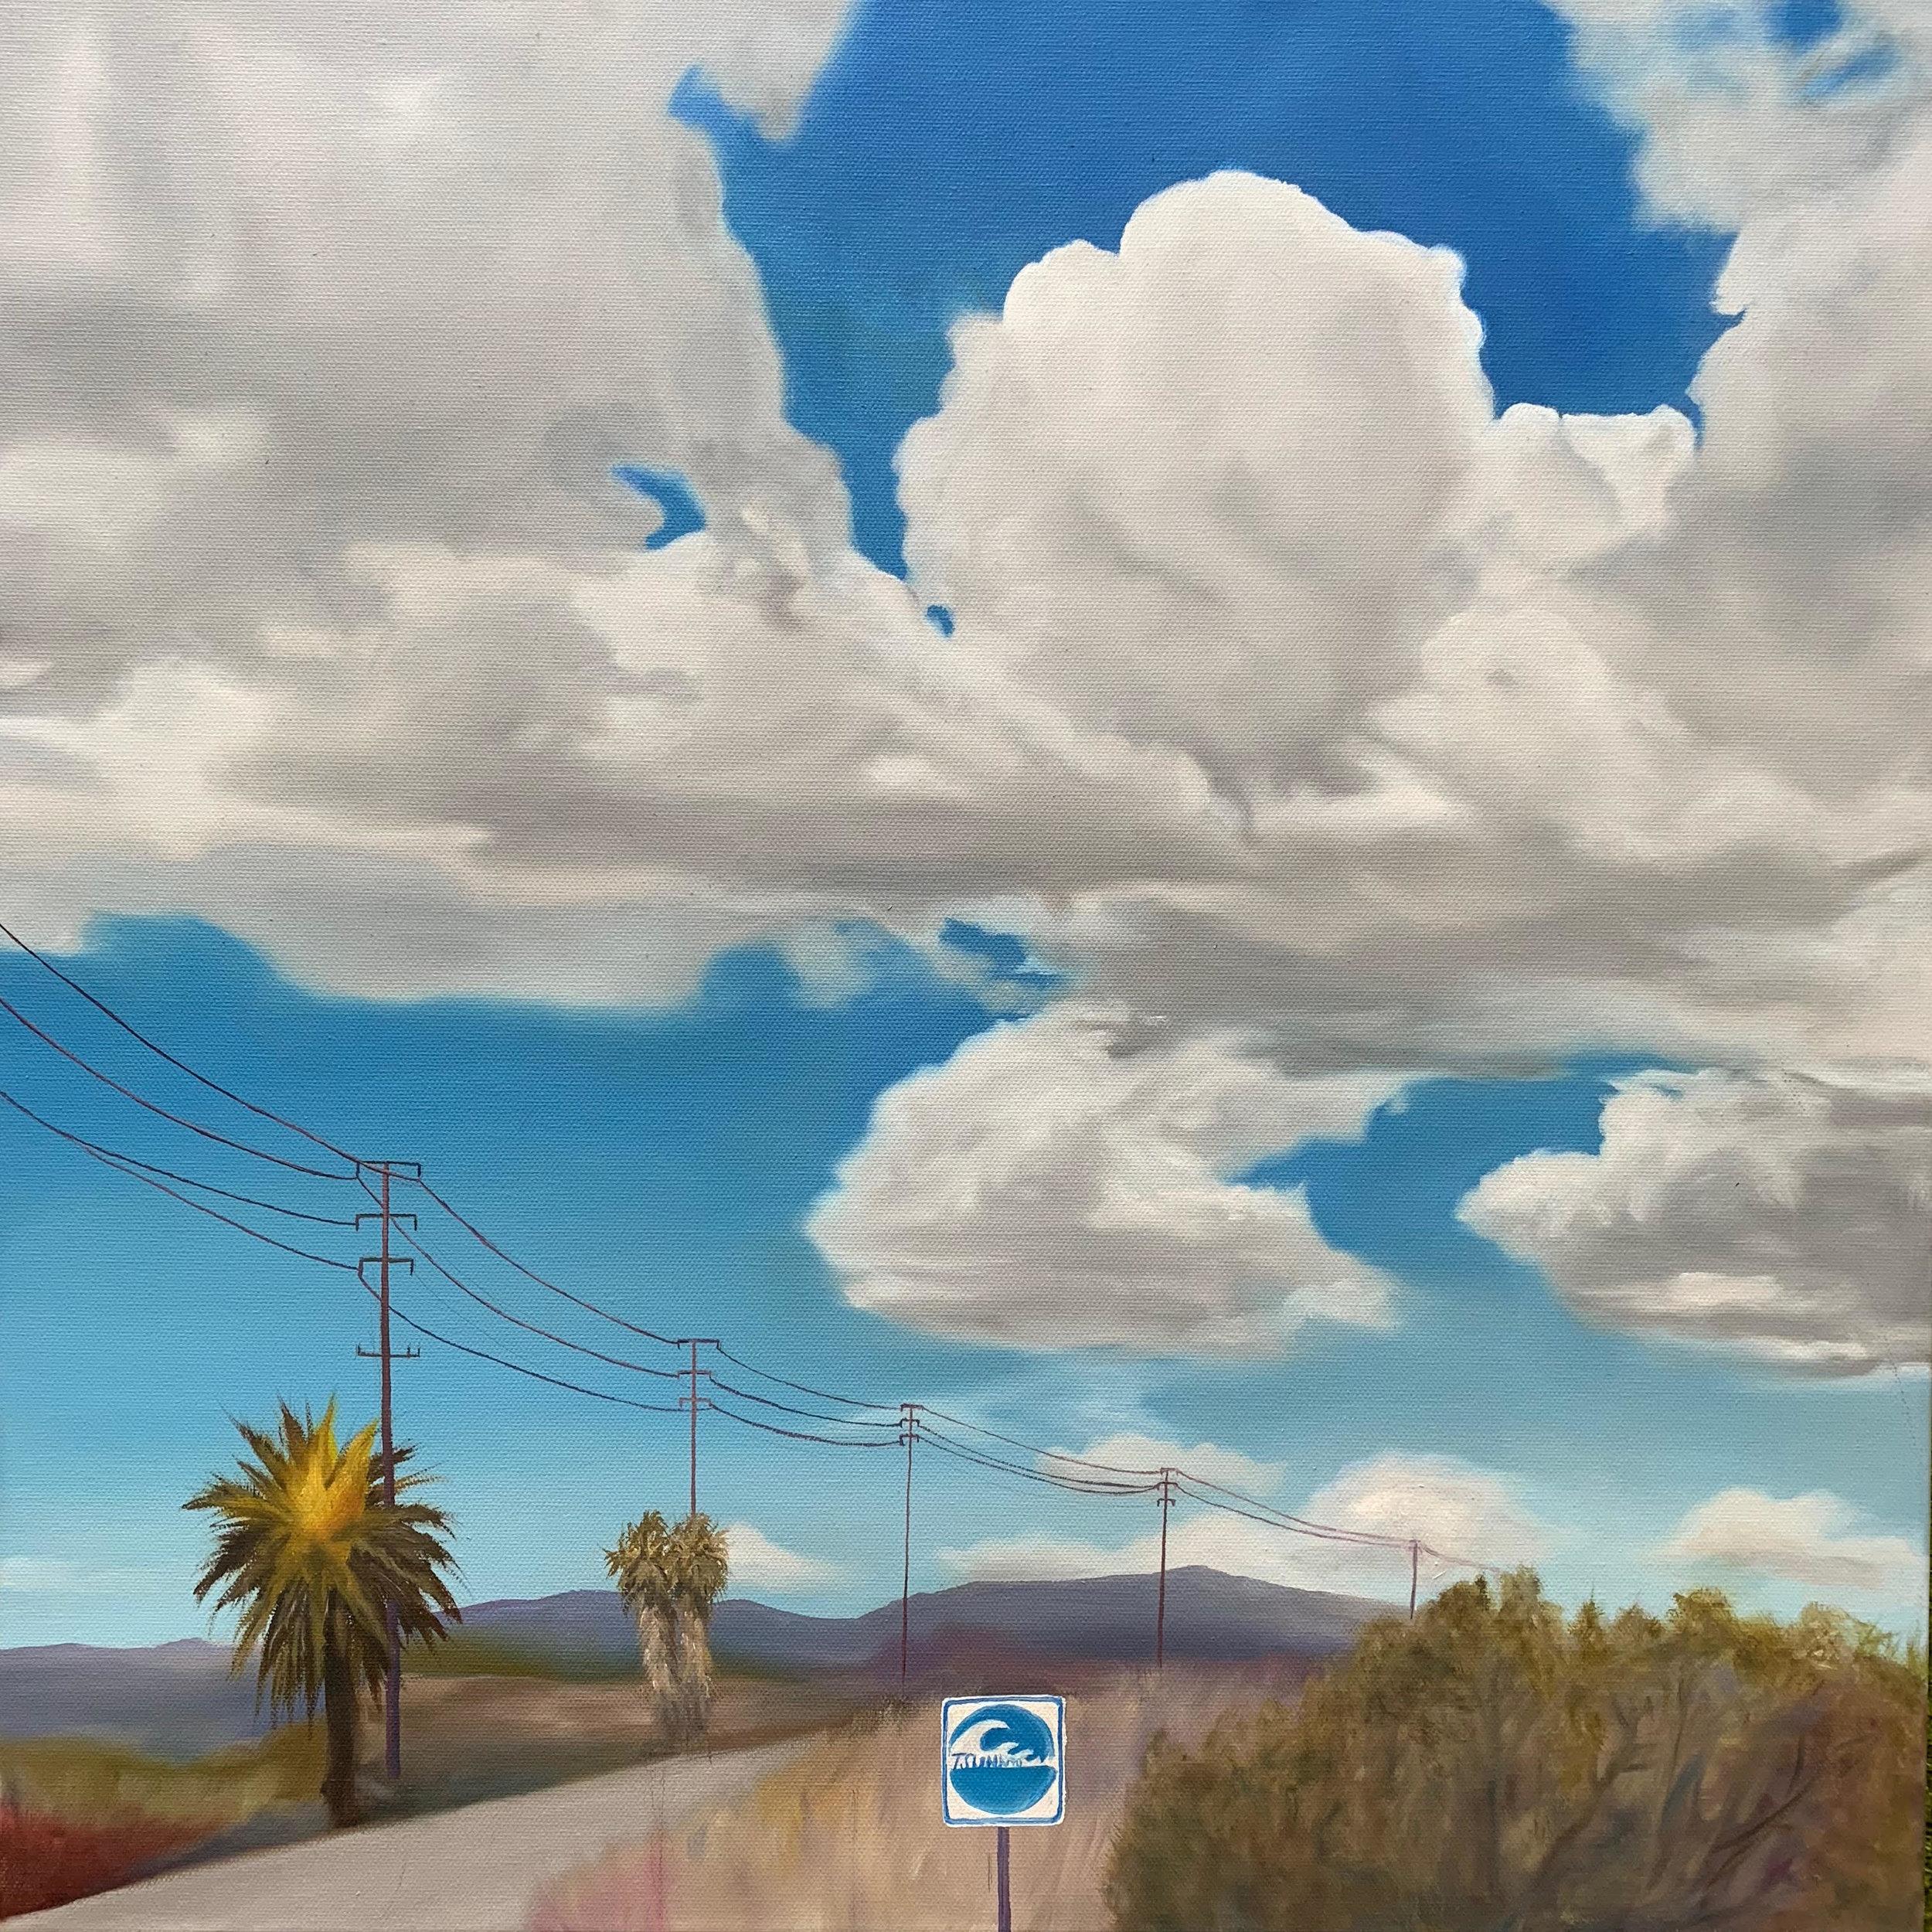 Playa clouds.jpg